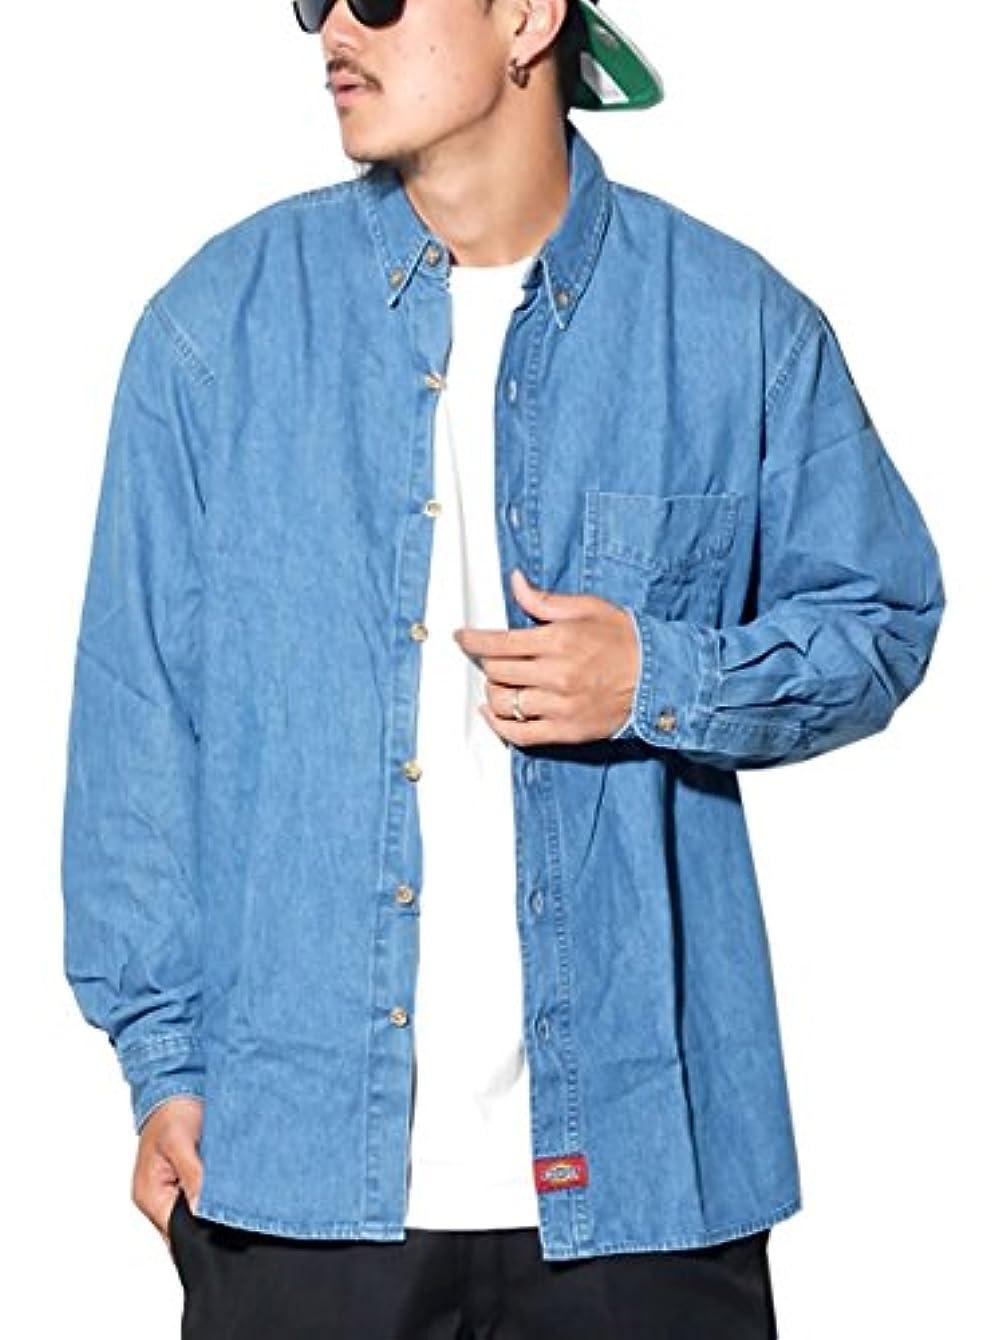 億拘束する気味の悪い(ディッキーズ) DICKIES デニムシャツ 大きいサイズ ボタンダウンシャツ WL300 [並行輸入品]